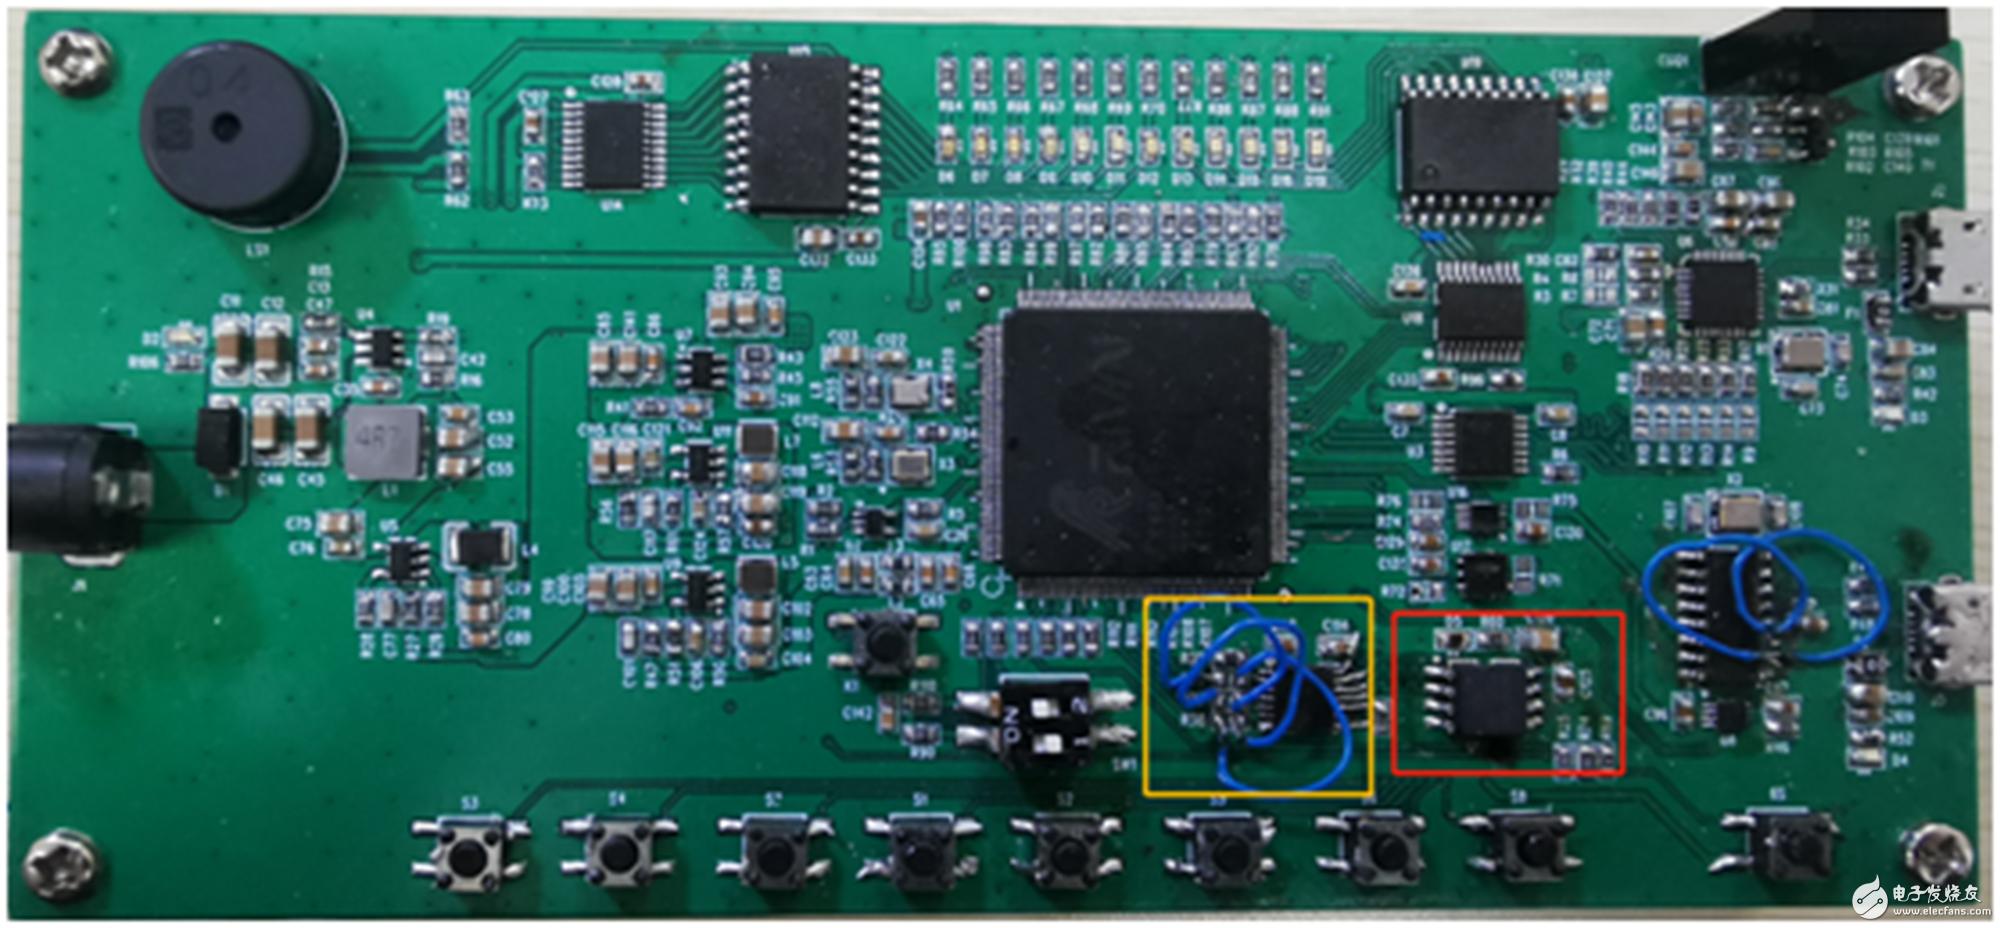 【項目實戰】基于RISC-V單片機的鴻蒙系統開發板項目日記連載---硬件調試篇--SPI讀取Flash